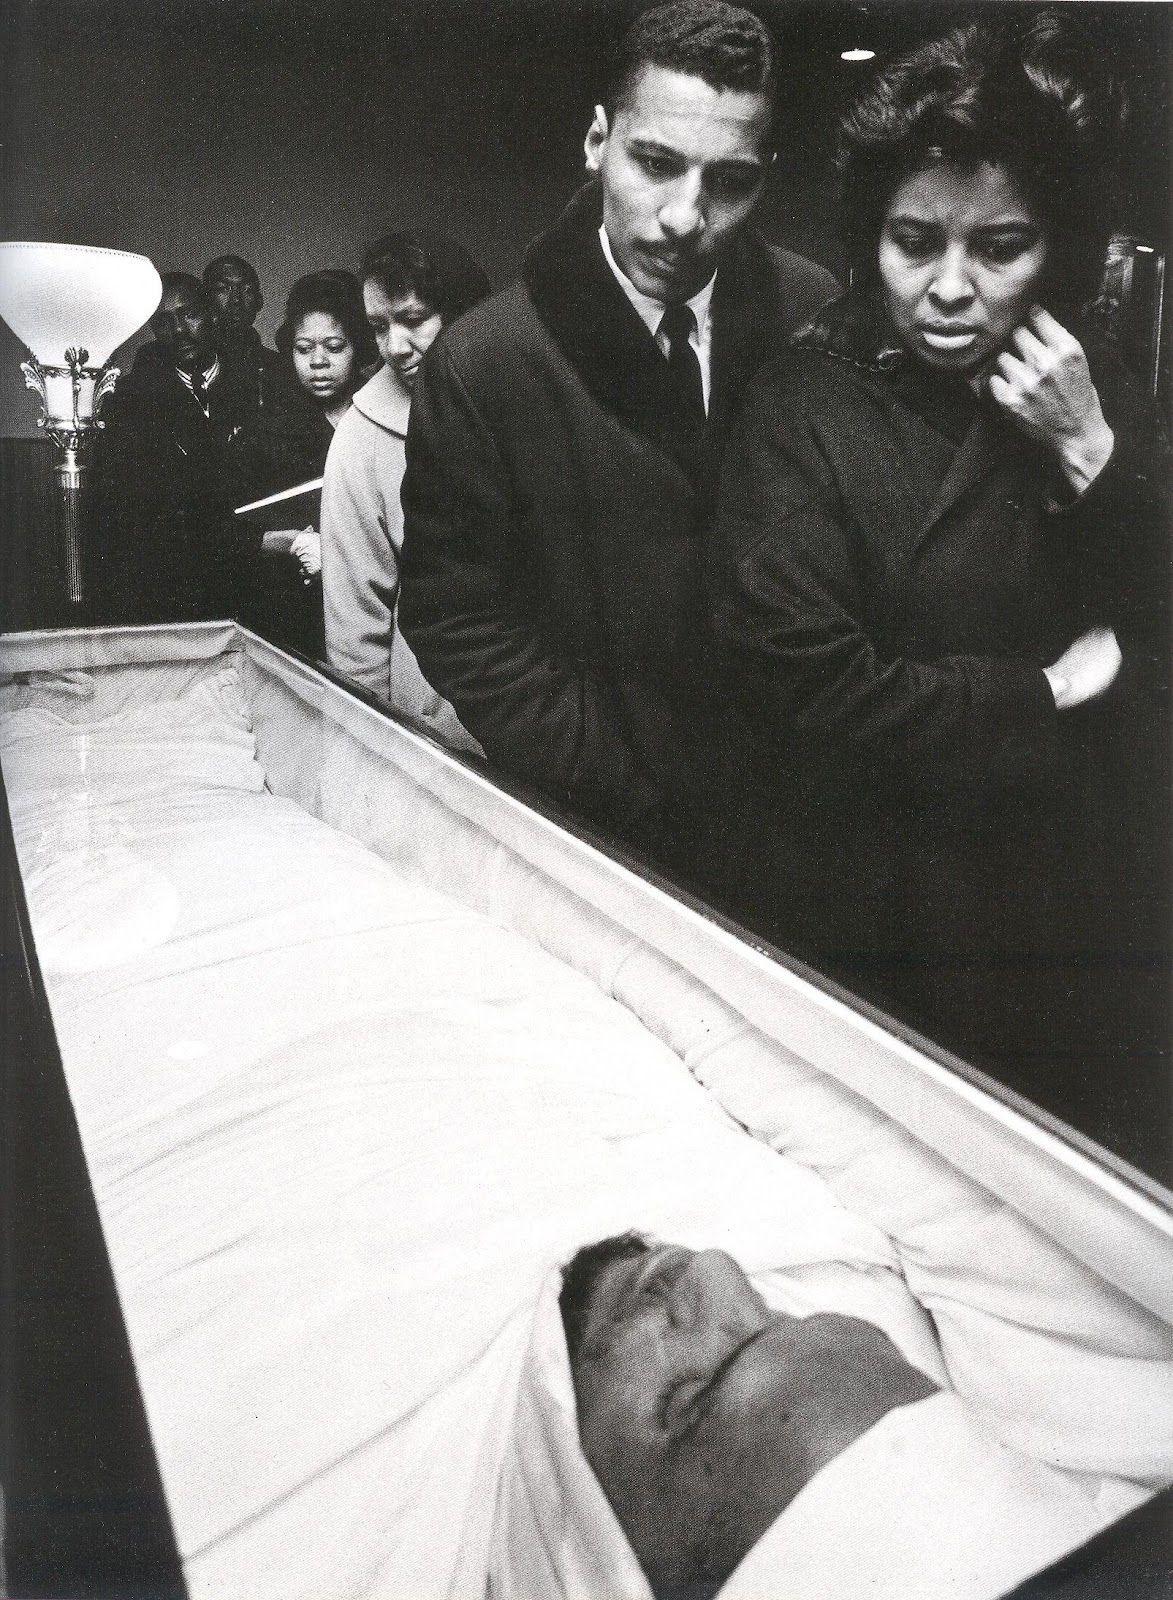 Celebrity funerals with open caskets of celebrities